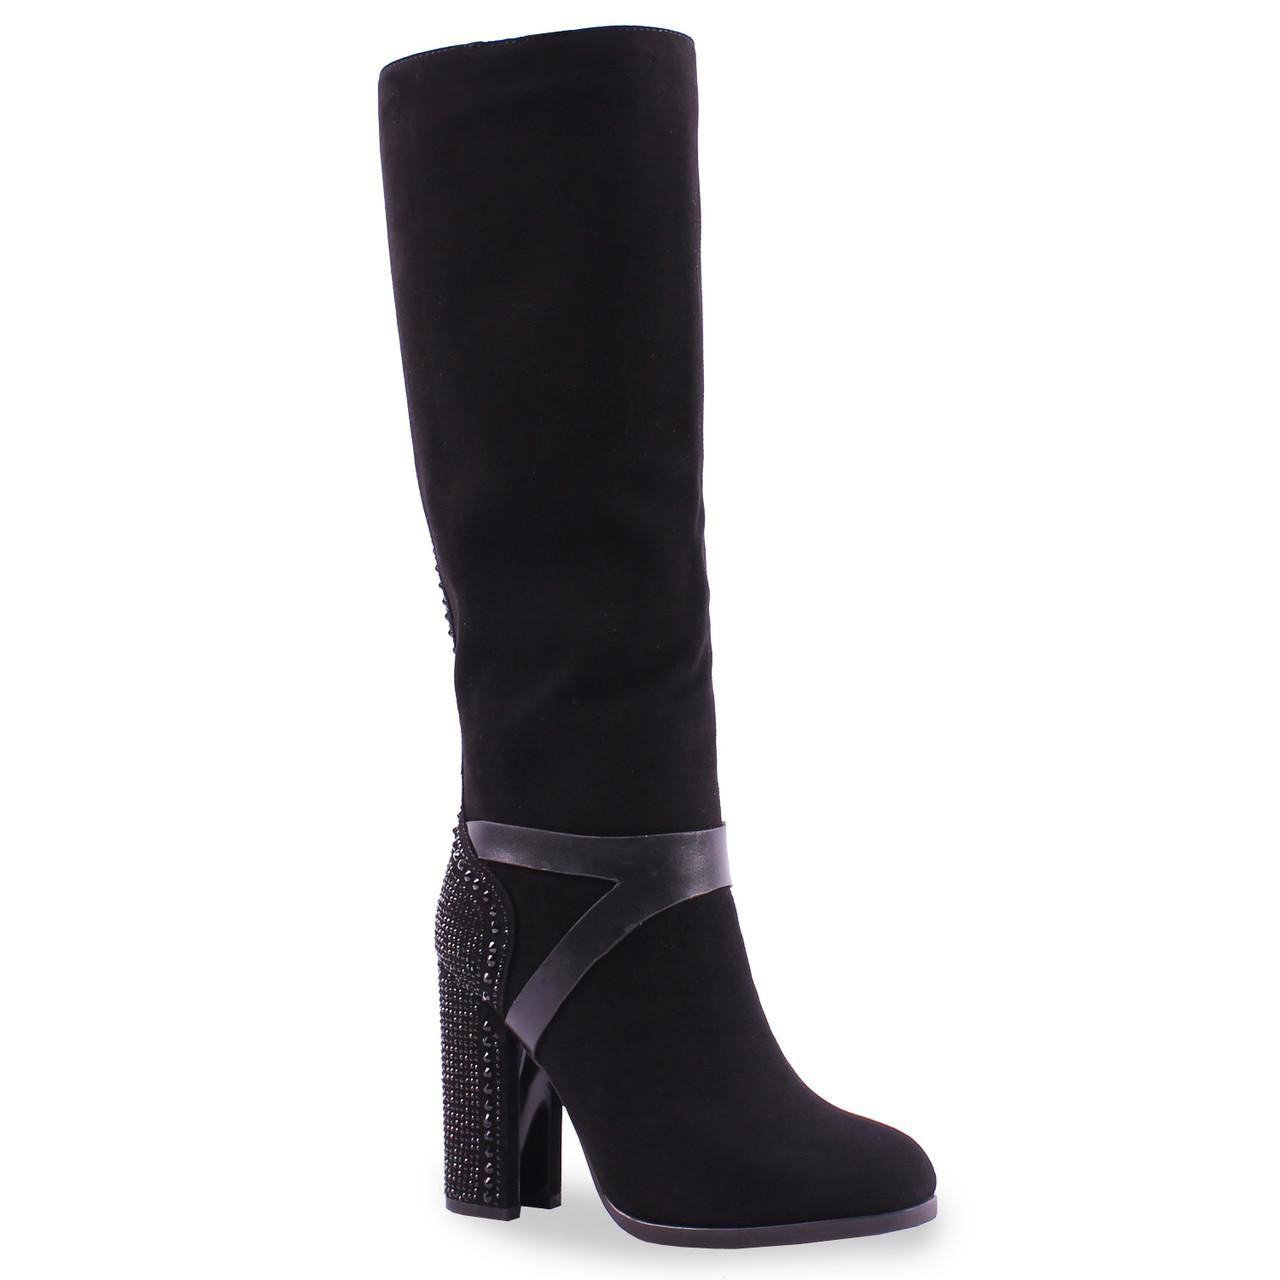 Стильные женские сапоги Deenoor (натуральная замша, зимние, вставка со стразами, на каблуке, удобные, теплые)